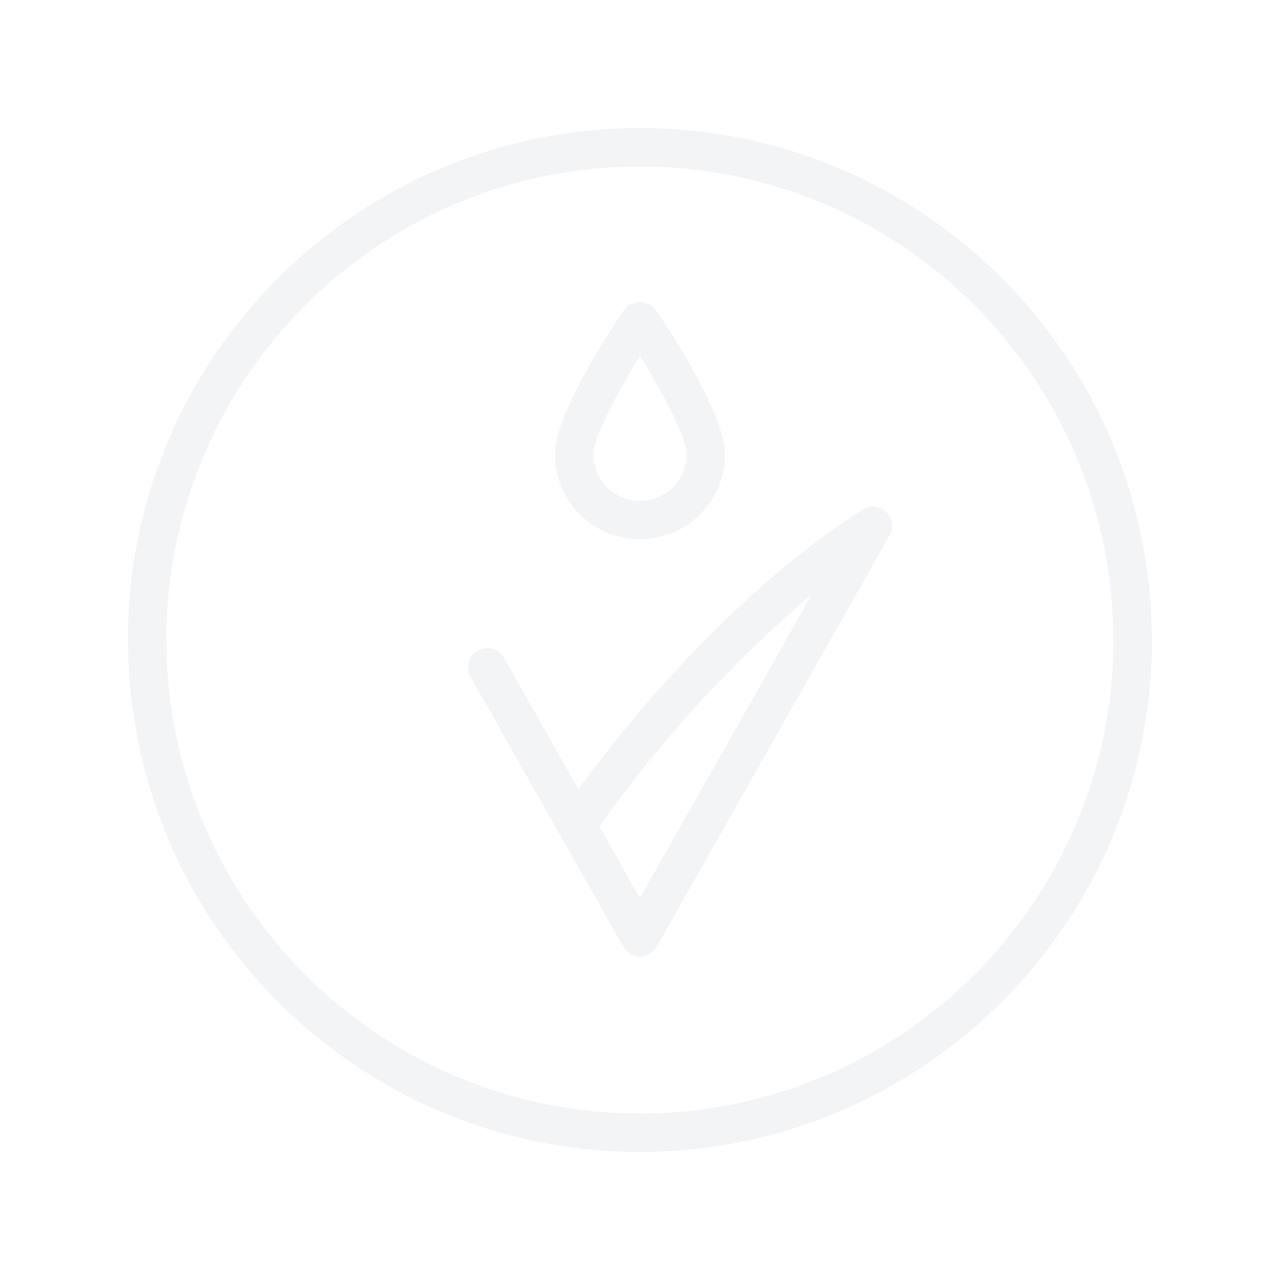 DOLCE & GABBANA The Only One 50ml Eau De Parfum Gift Set